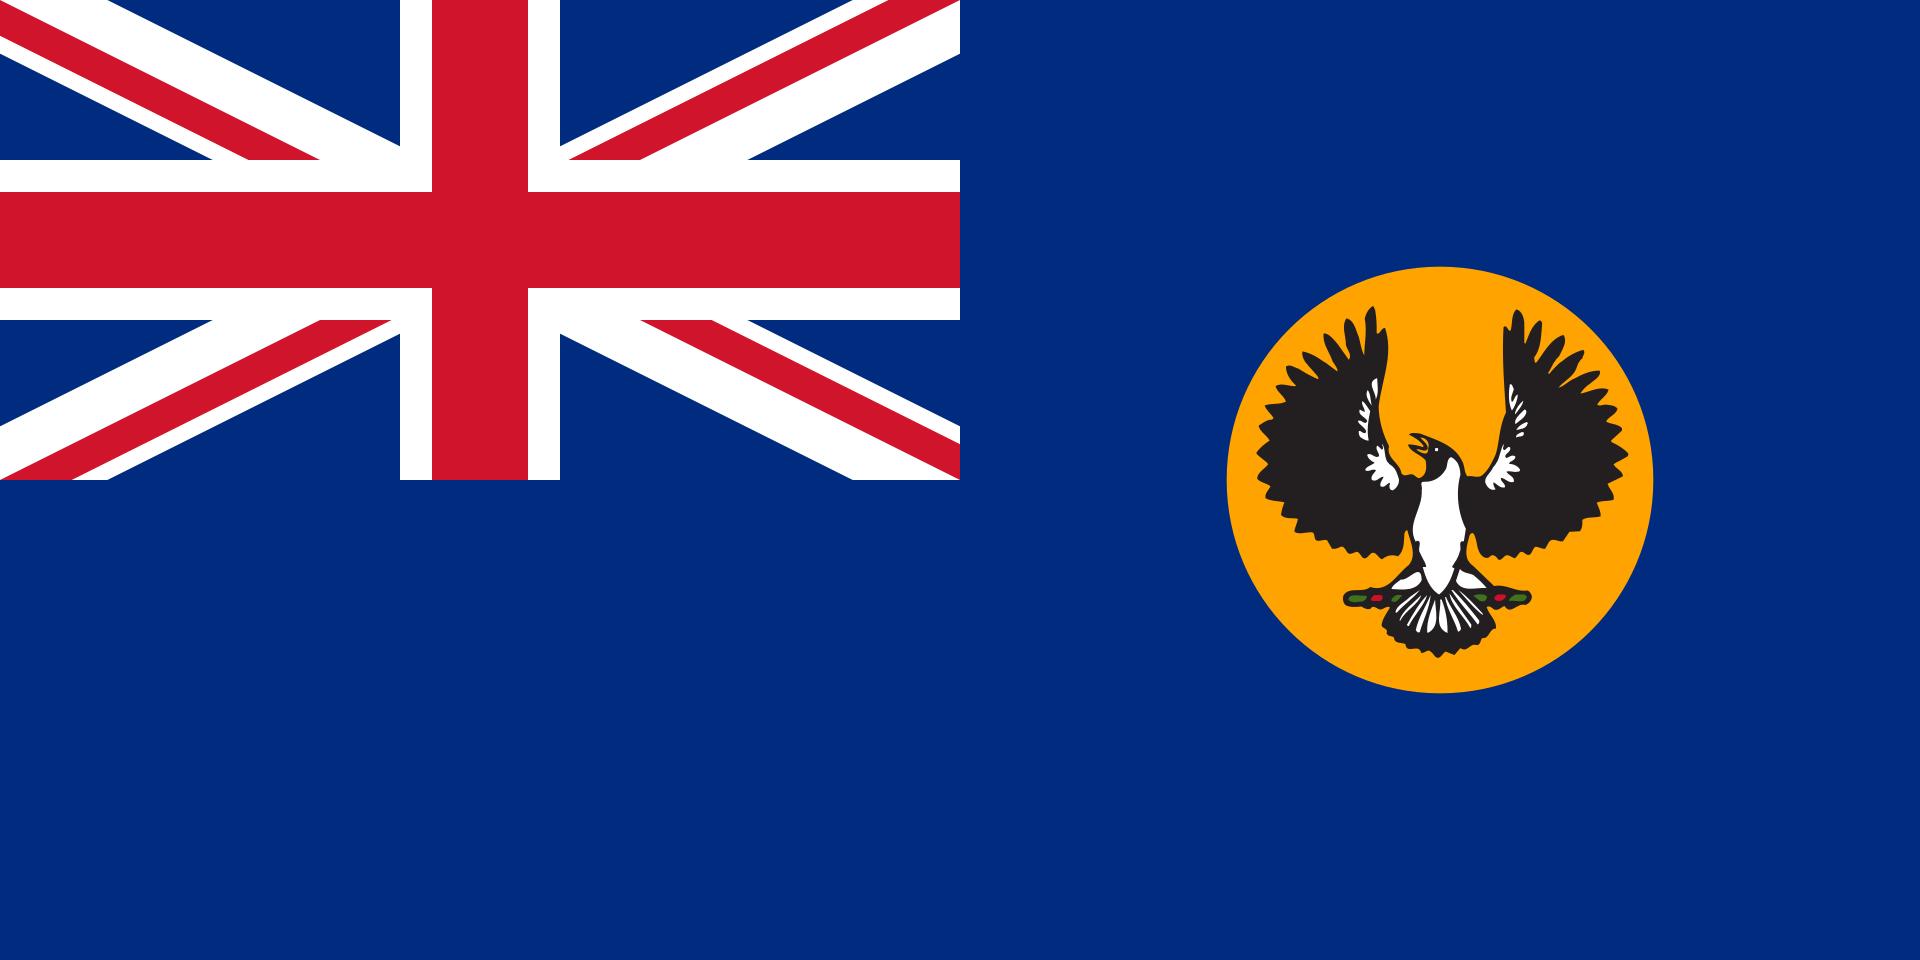 南オーストラリア州 (SA)